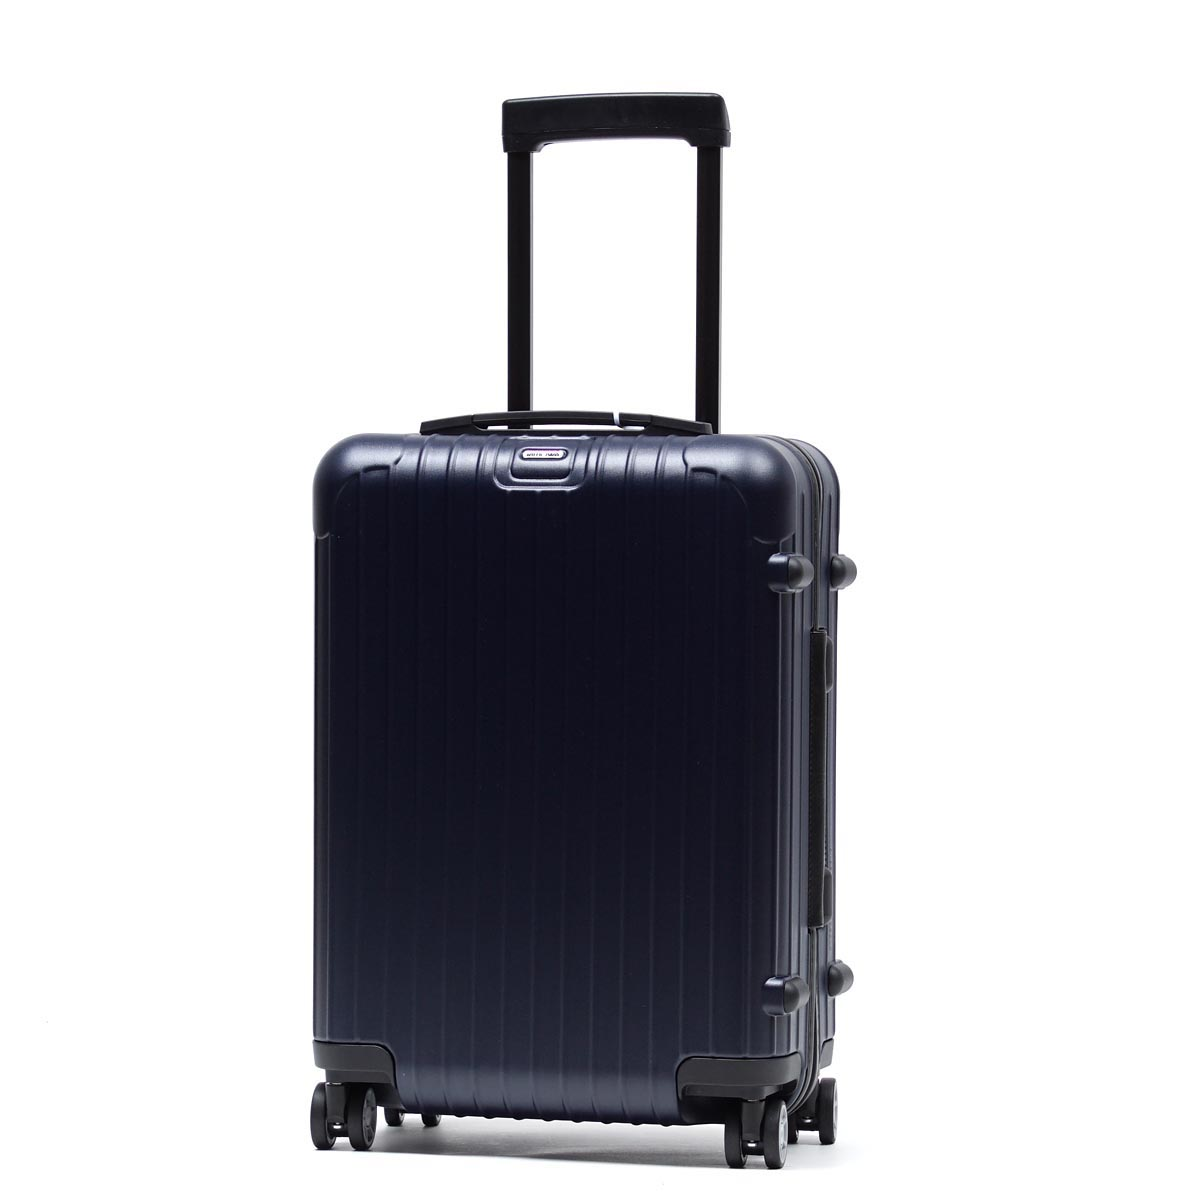 リモワ RIMOWA スーツケース キャリーケース ブルー メンズ レディース 810.52.39.4 SALSA CABIN 52 MULTIWHEEL 32L サルサ【あす楽対応_関東】【返品】【ラッピング無料】【190205】